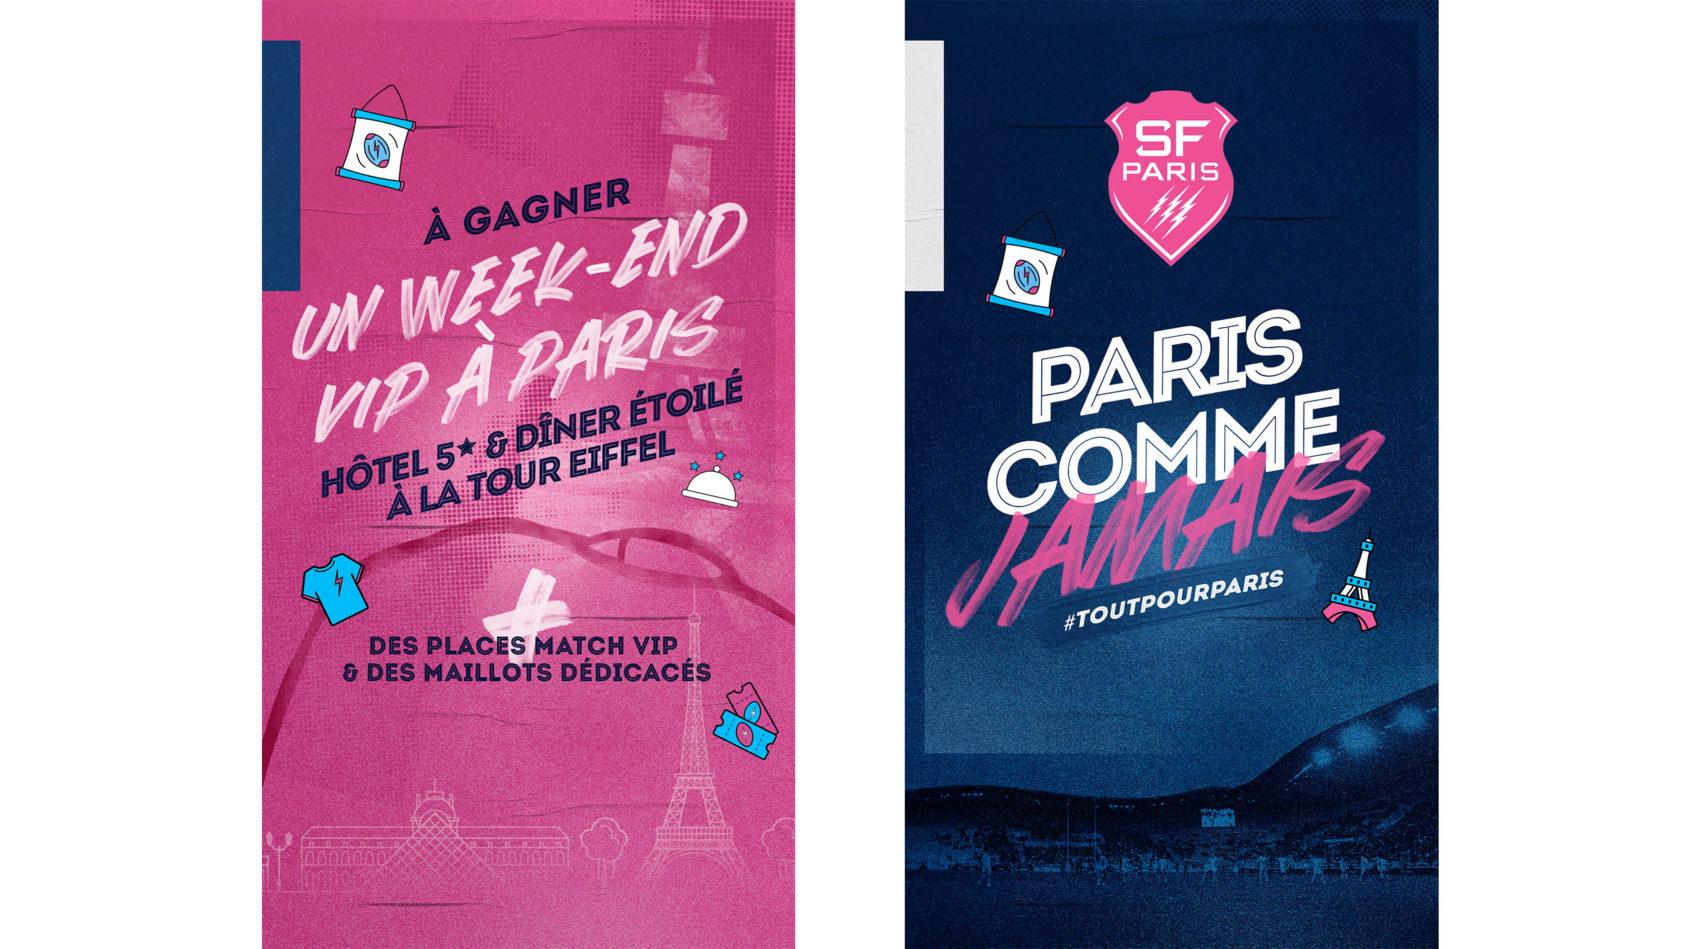 visuel_activation_projet_strategie_campagne_globale_paris_comme_jamais_week_end_paris_vip_le_stade_francais_lafourmi